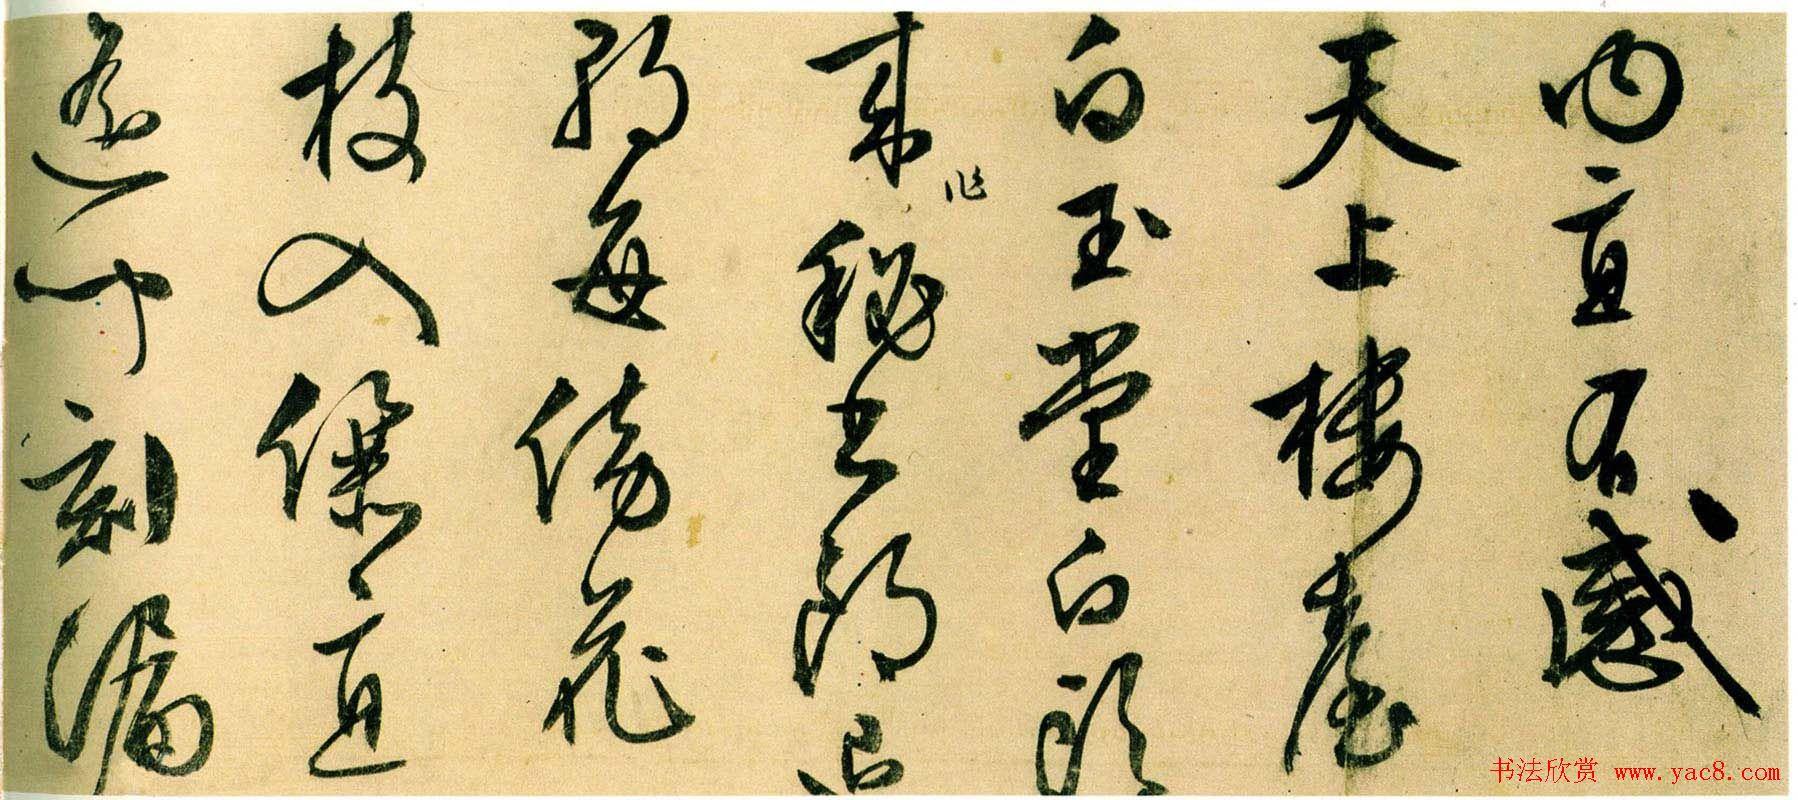 文徵明行草书法作品欣赏 内直有感诗卷